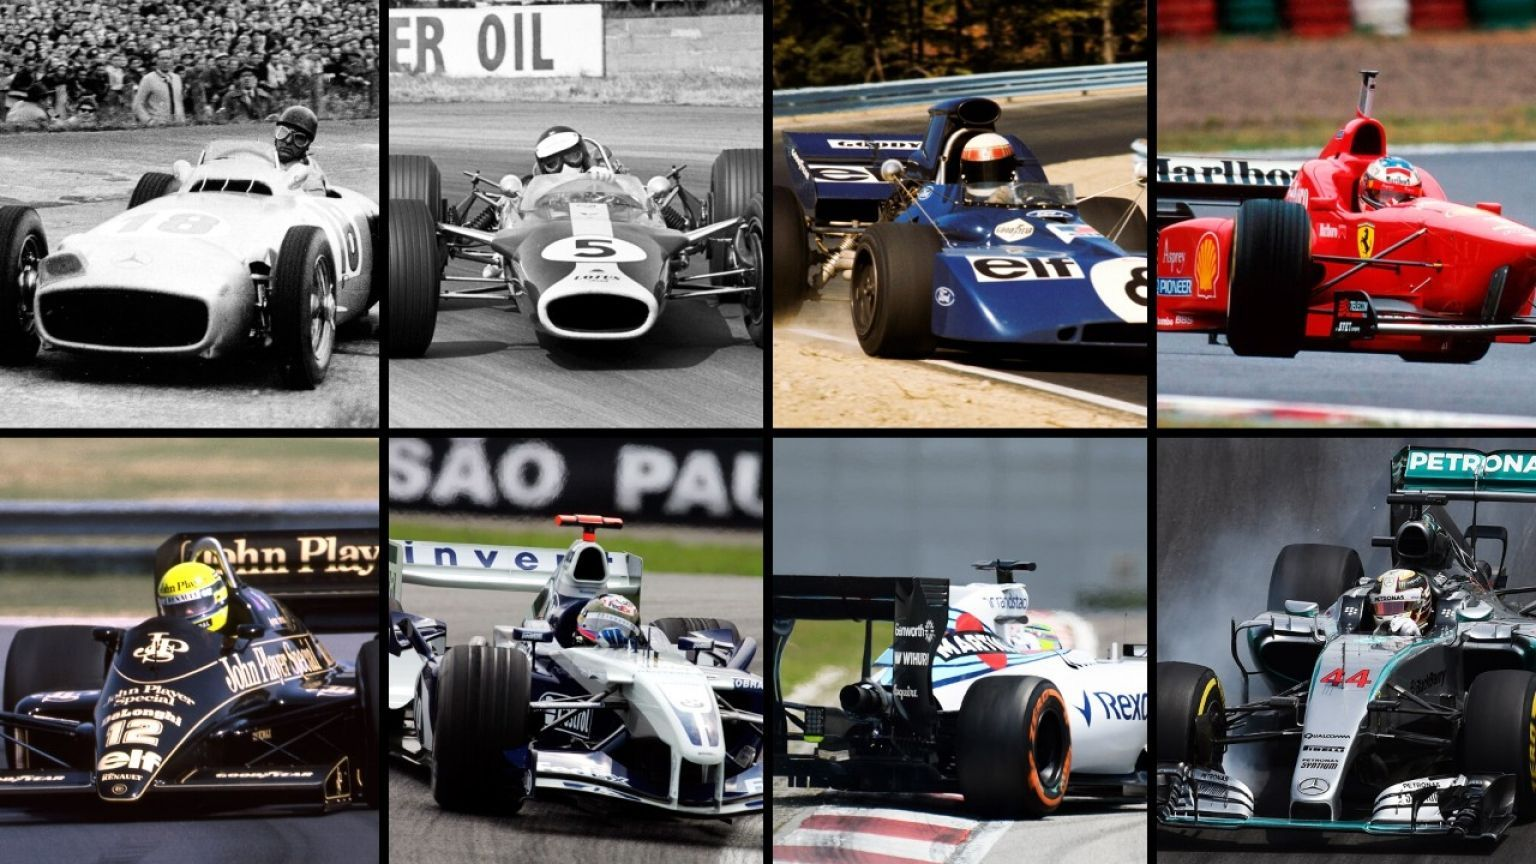 12152 - ¿Sigues la F1 desde hace años?